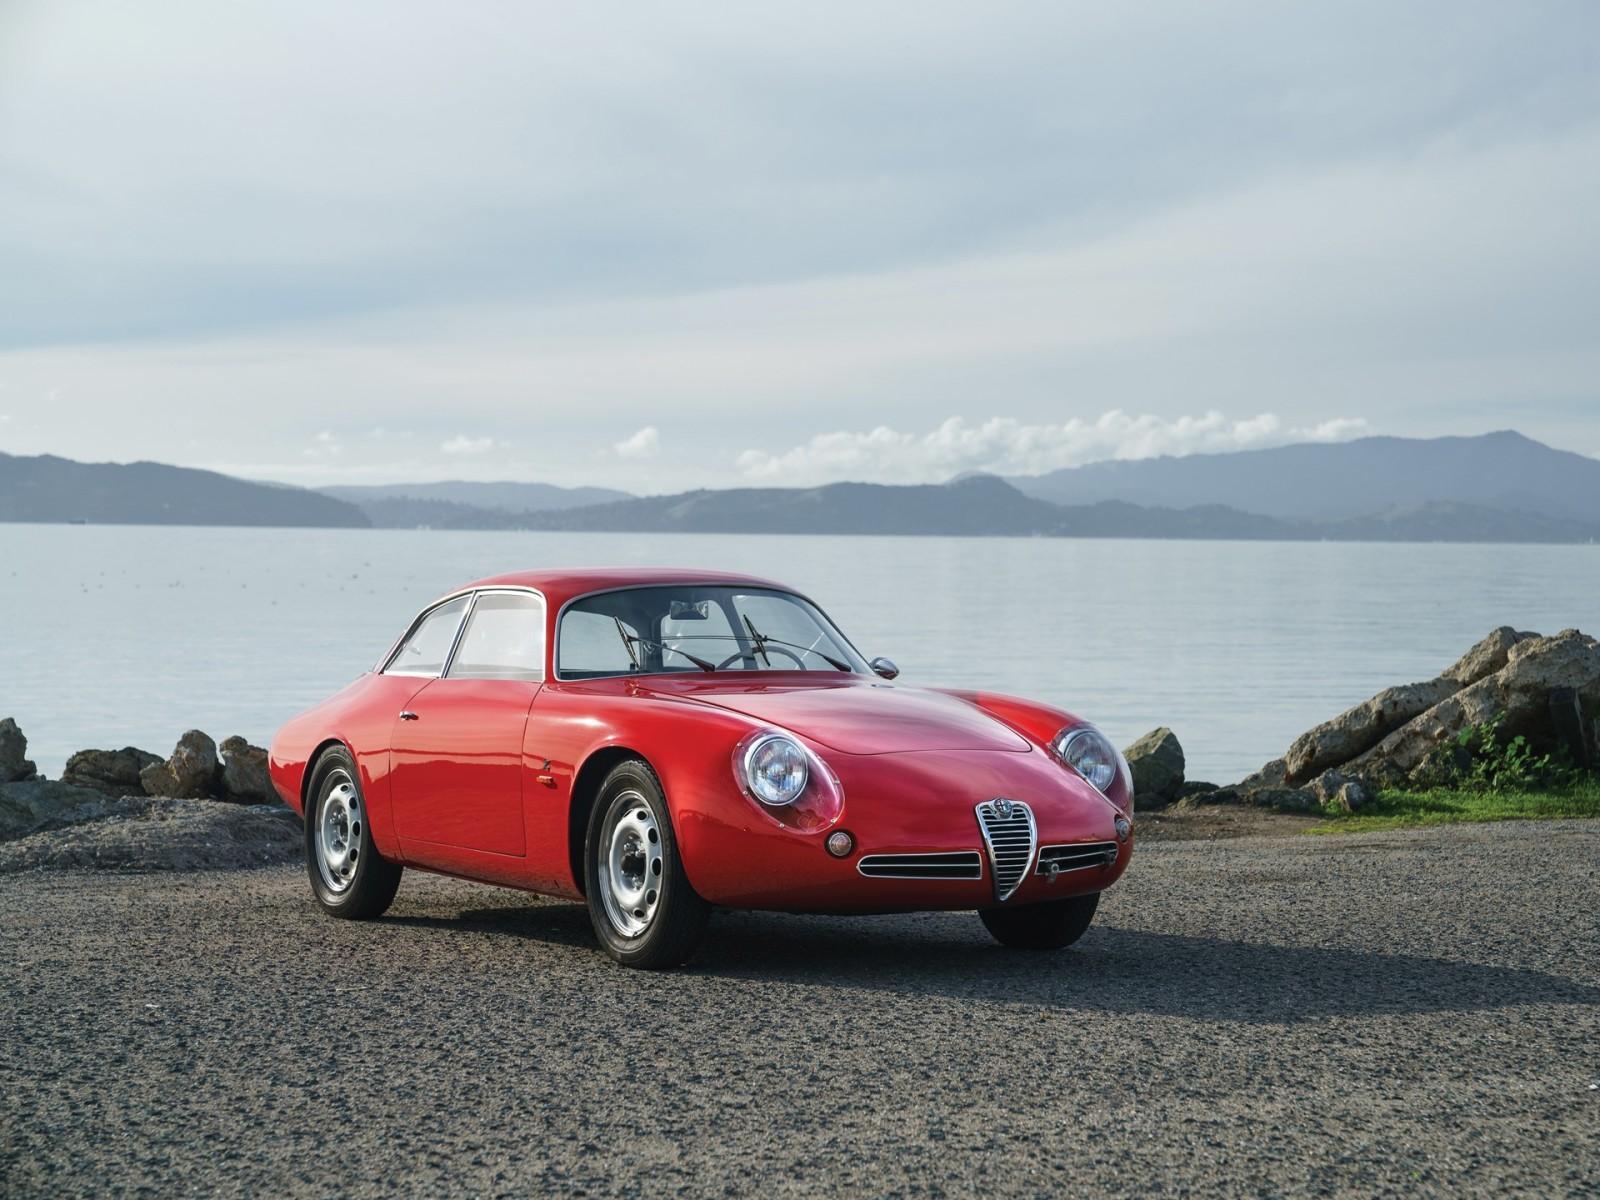 1962 Alfa Romeo Giulietta SZ II Coda Tronca